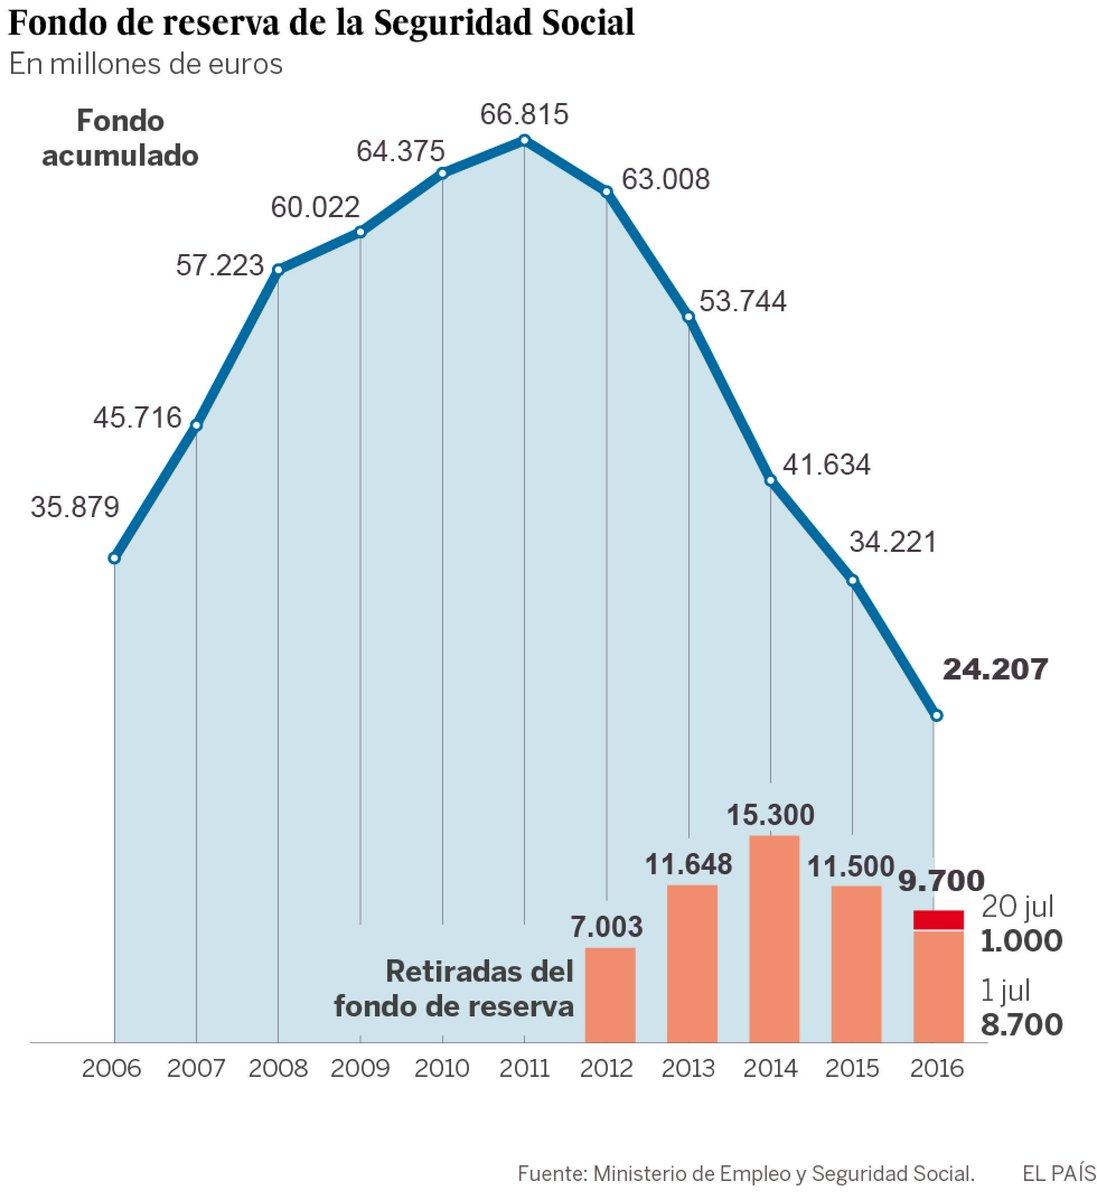 La buena y la mala noticia es que pronto no se podrá saquear más el Fondo de Reserva https://t.co/TMAKvG9DdR